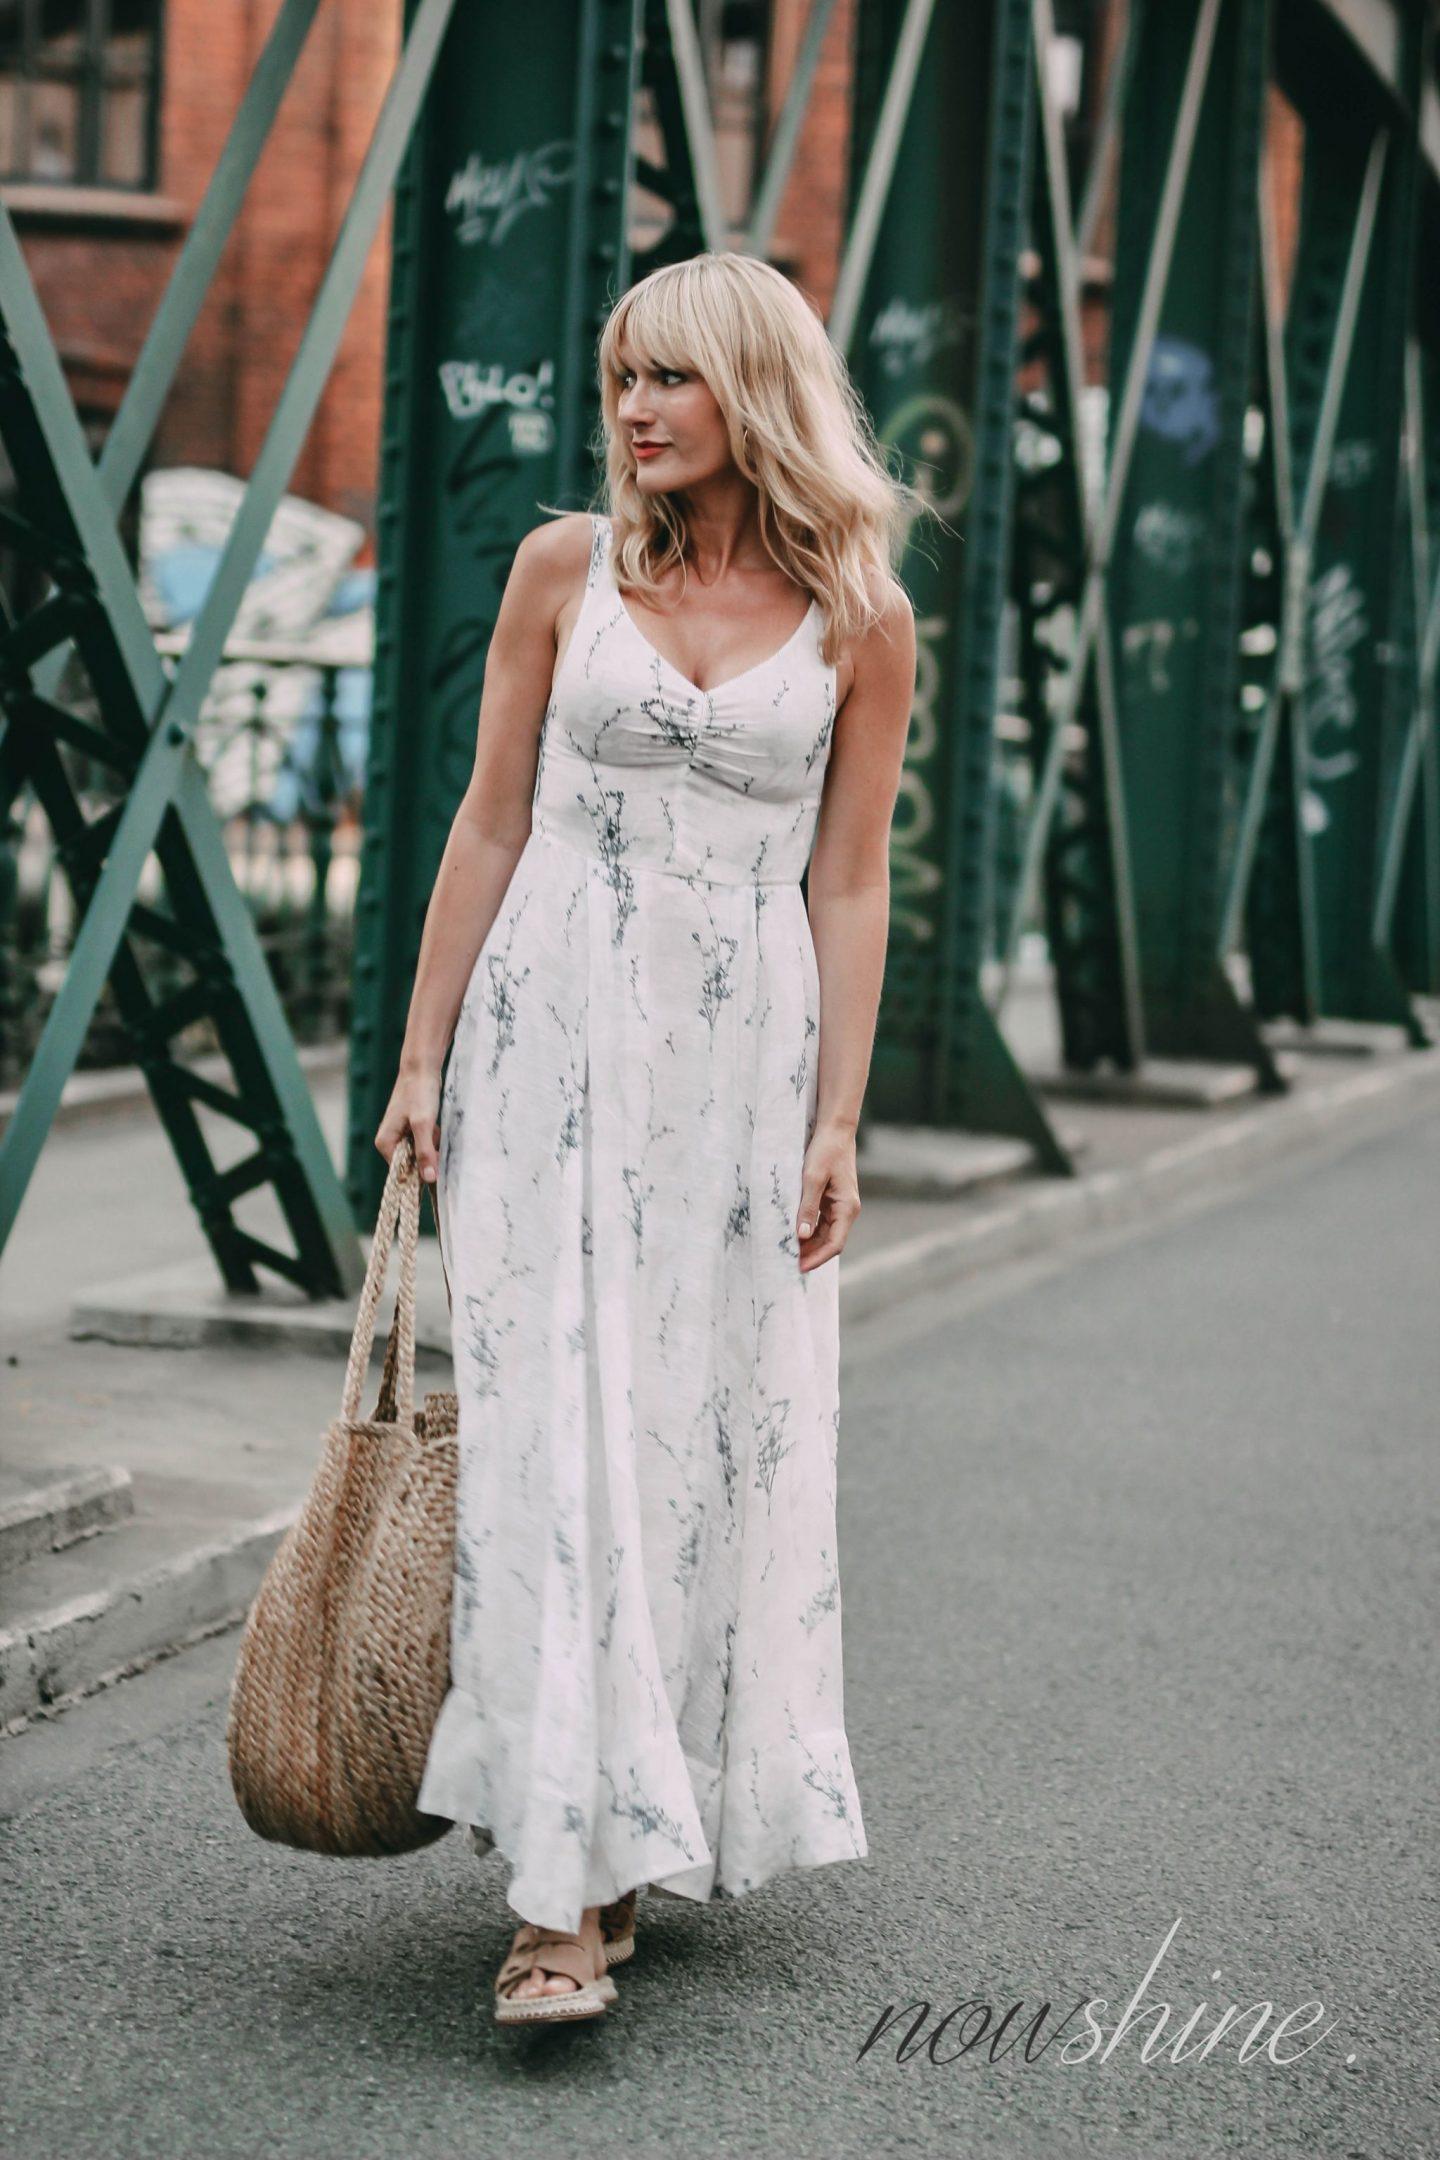 Conscious Exclusive Kleid von H&M - Beutelatsche aus Jute von Mango - Sandalen aus Jute von Zara - Nowshine Modeblog ab 40